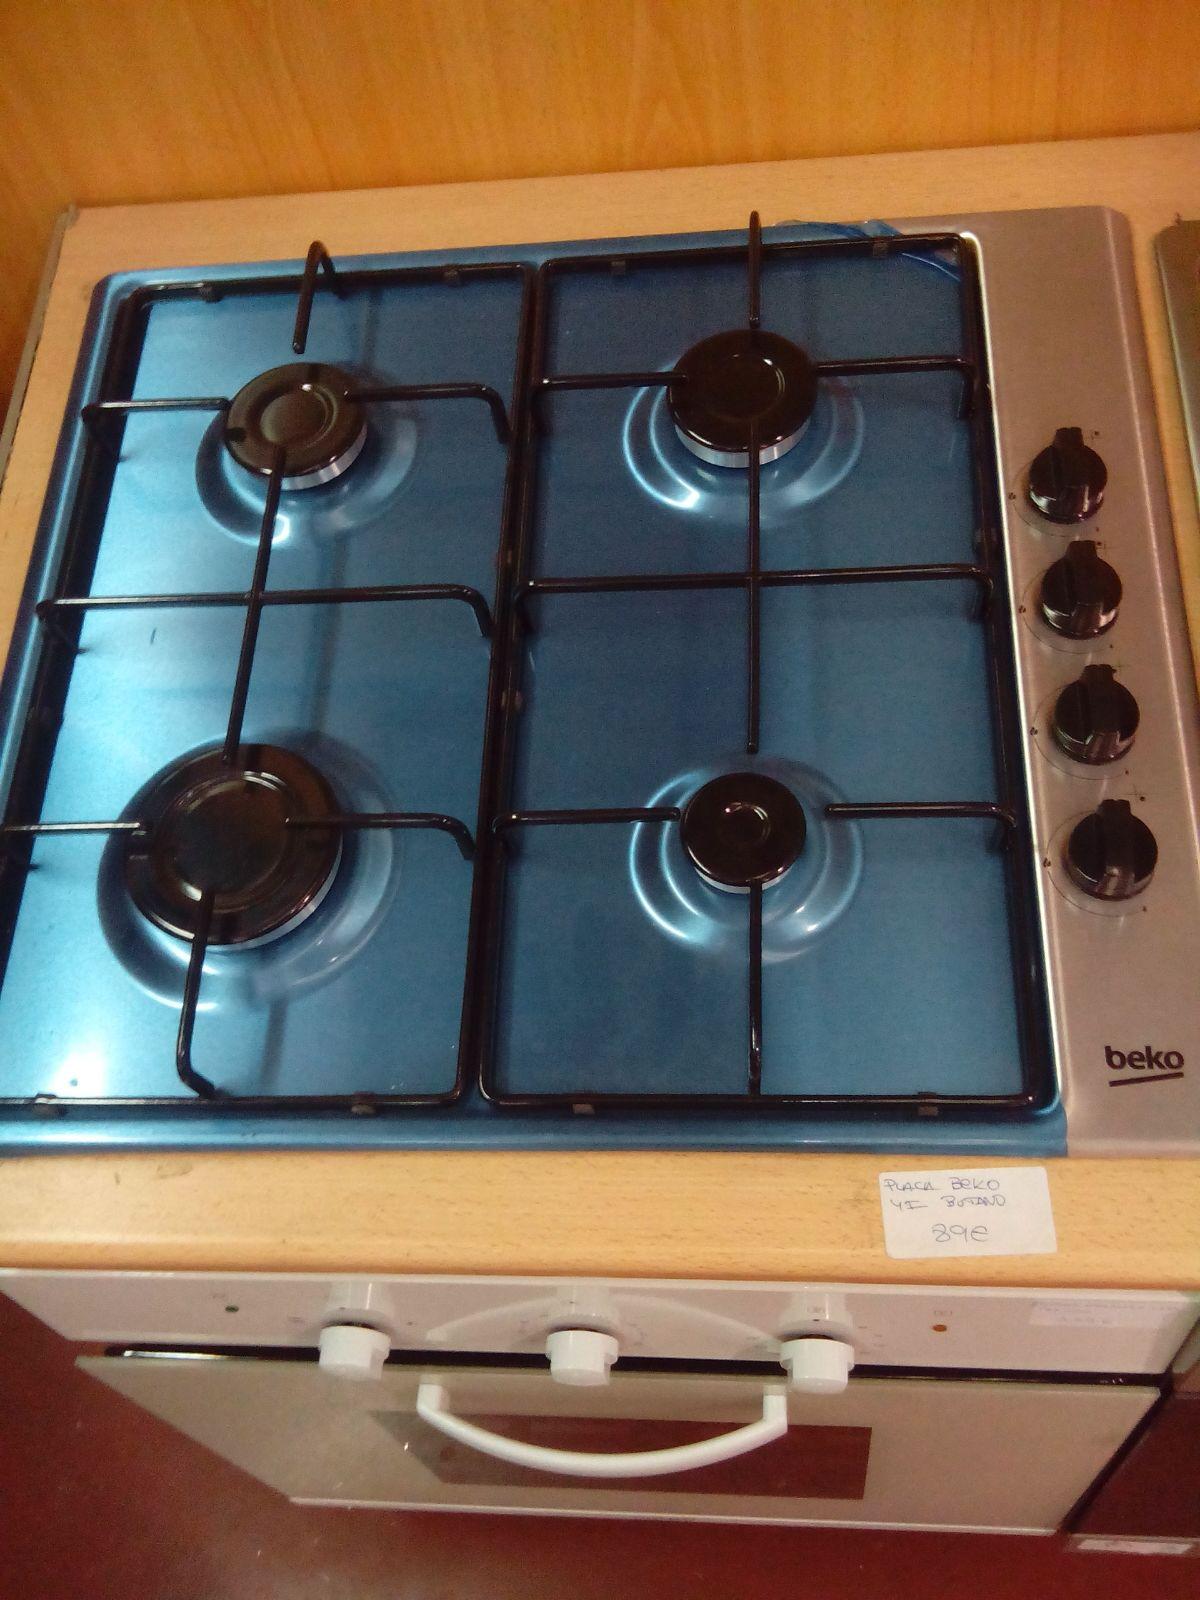 Electrodom sticos baratos en m laga lavadoras y for Electrodomesticos vintage baratos